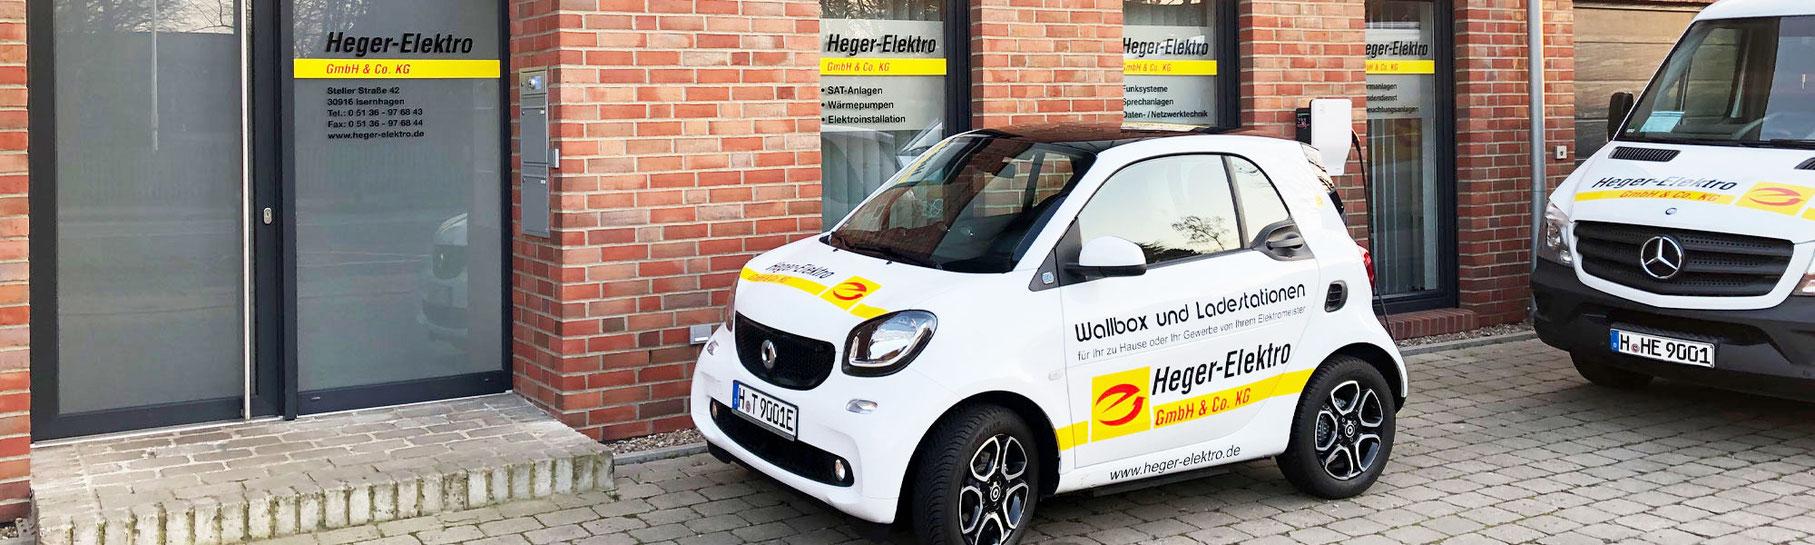 Heger-Elektro ist Ihr Spezialist für Elektrotechnik in Hannover und Umgebung